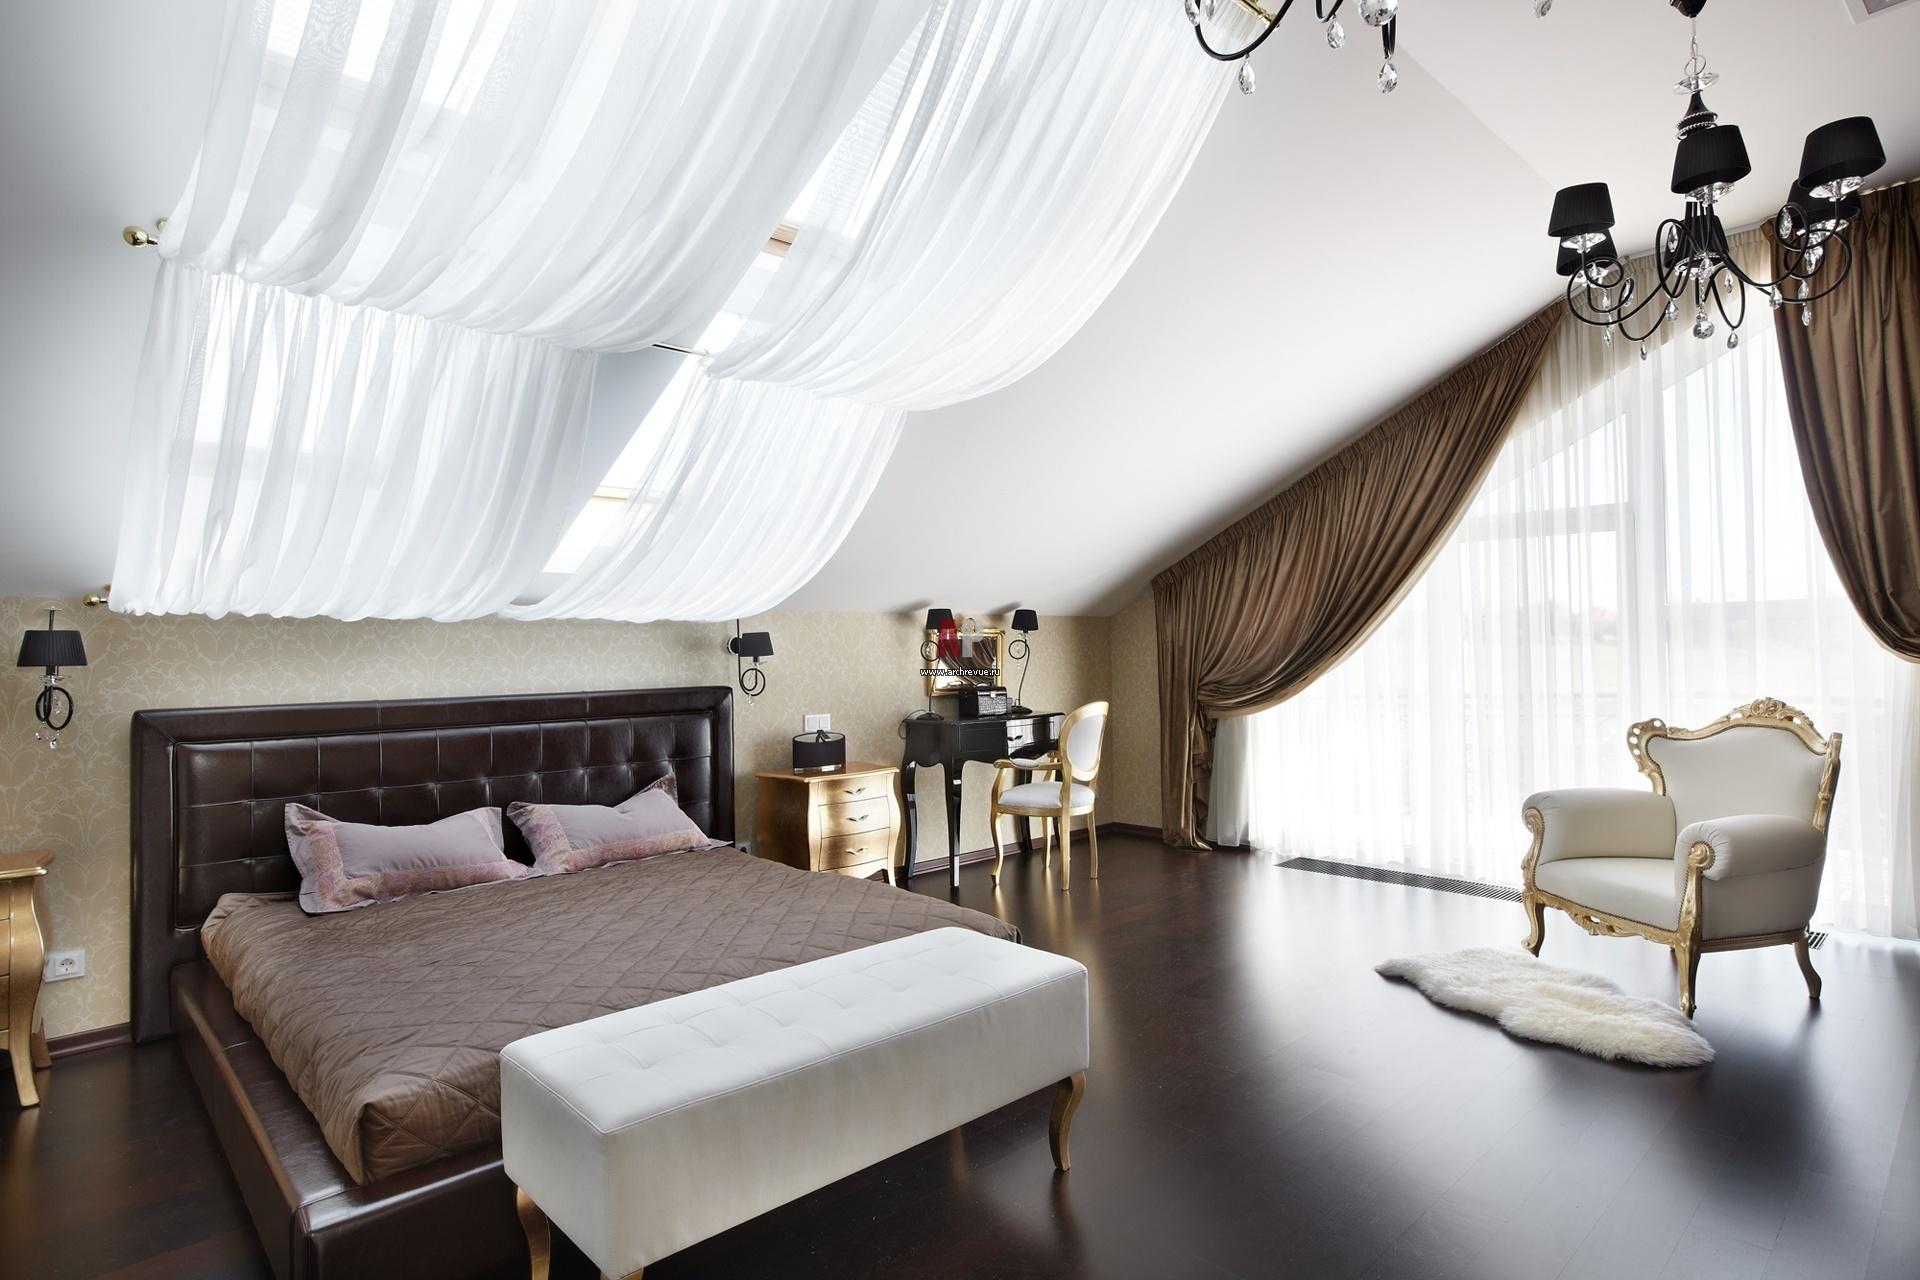 шторы в спальню мансарду